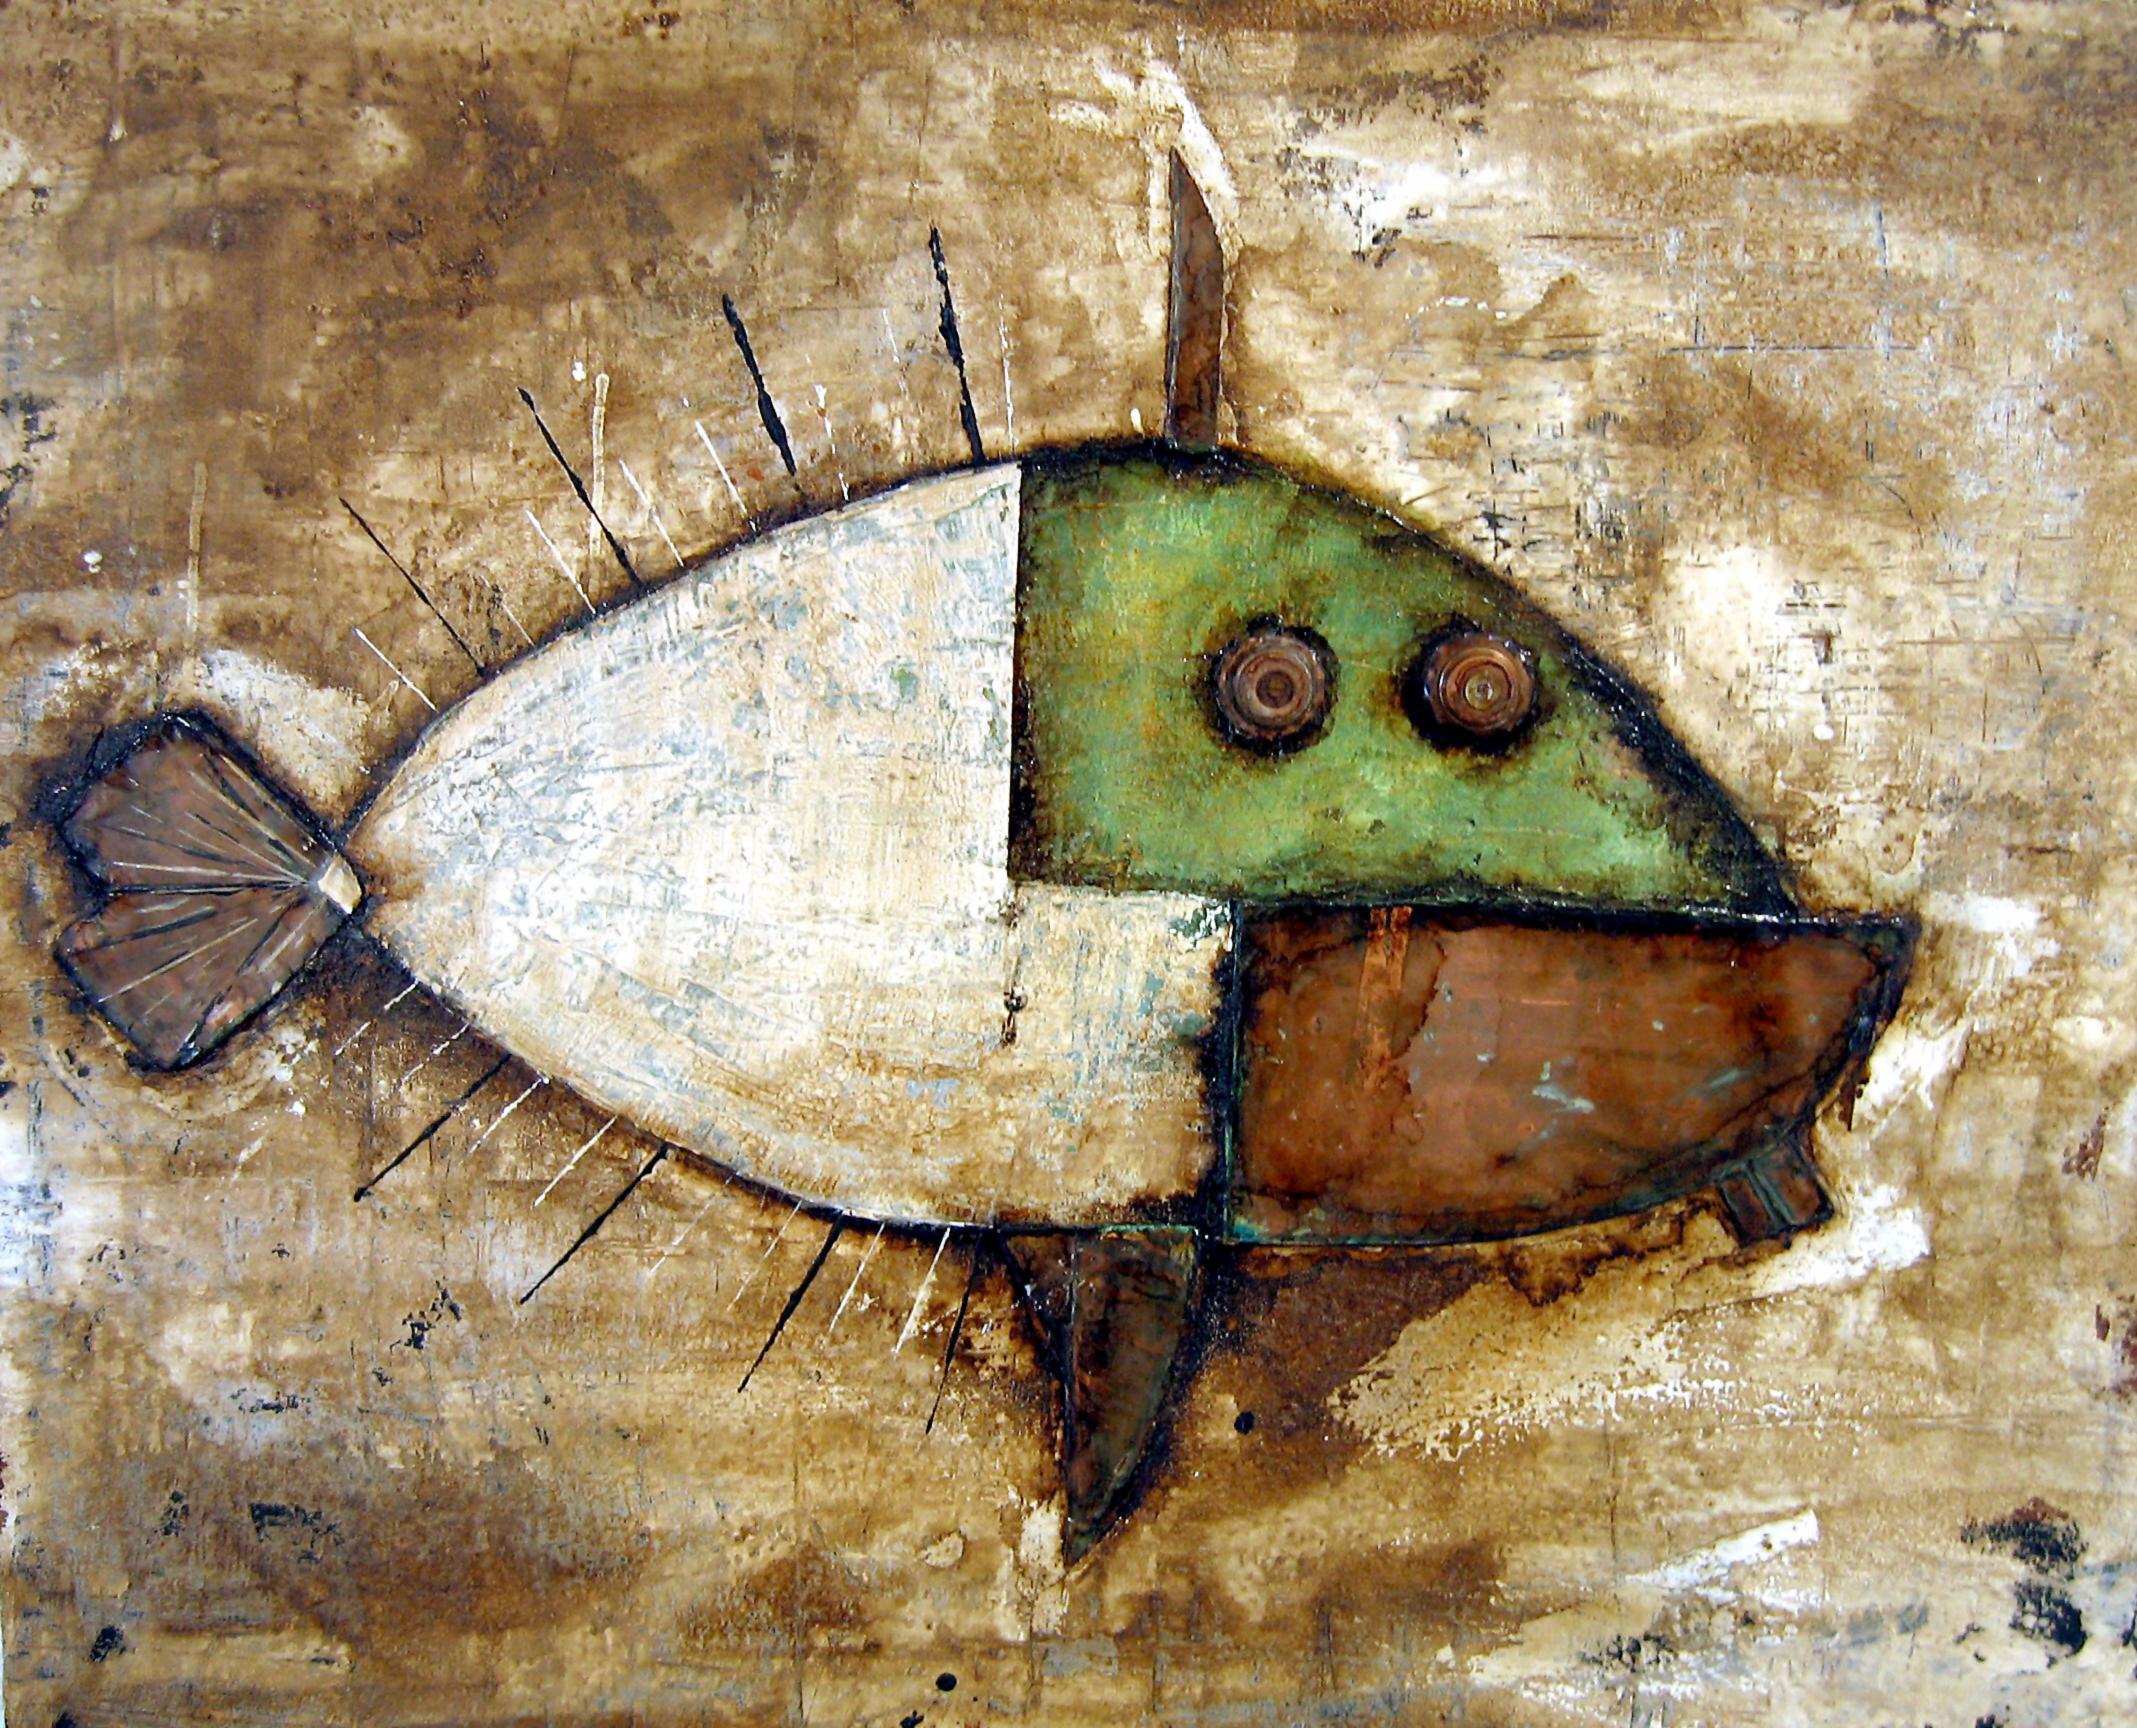 Tùnid, 2008